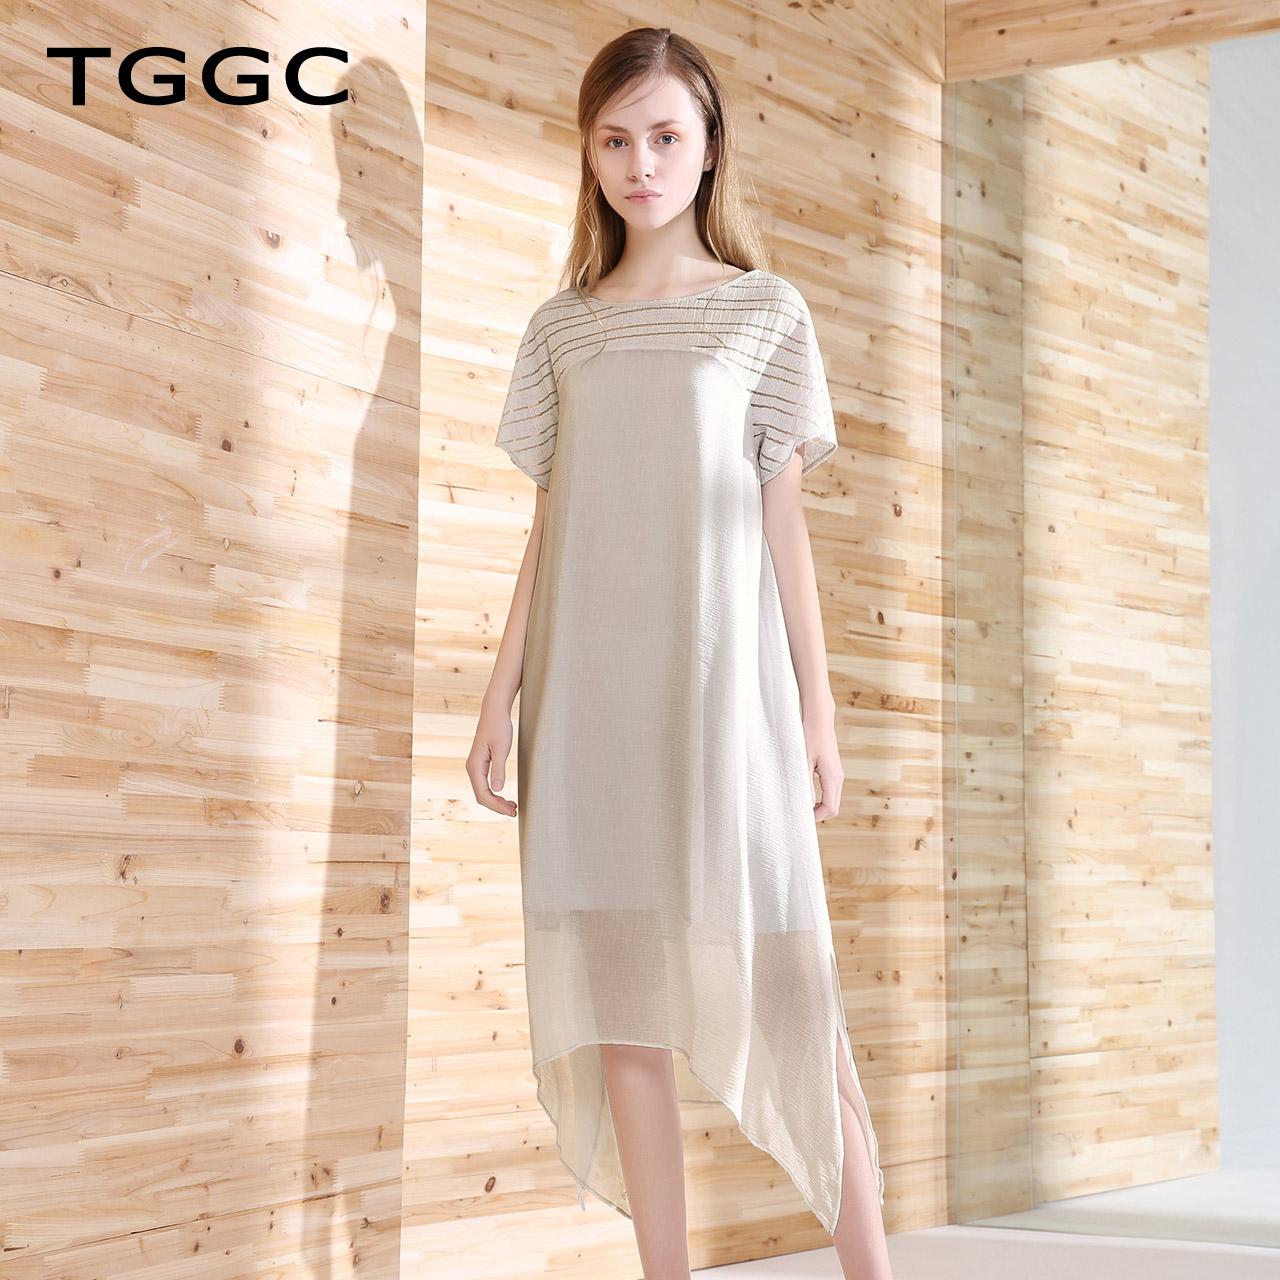 台绣2018夏装新款拼接宽松短袖连衣裙女显瘦中长款裙子气质F22623